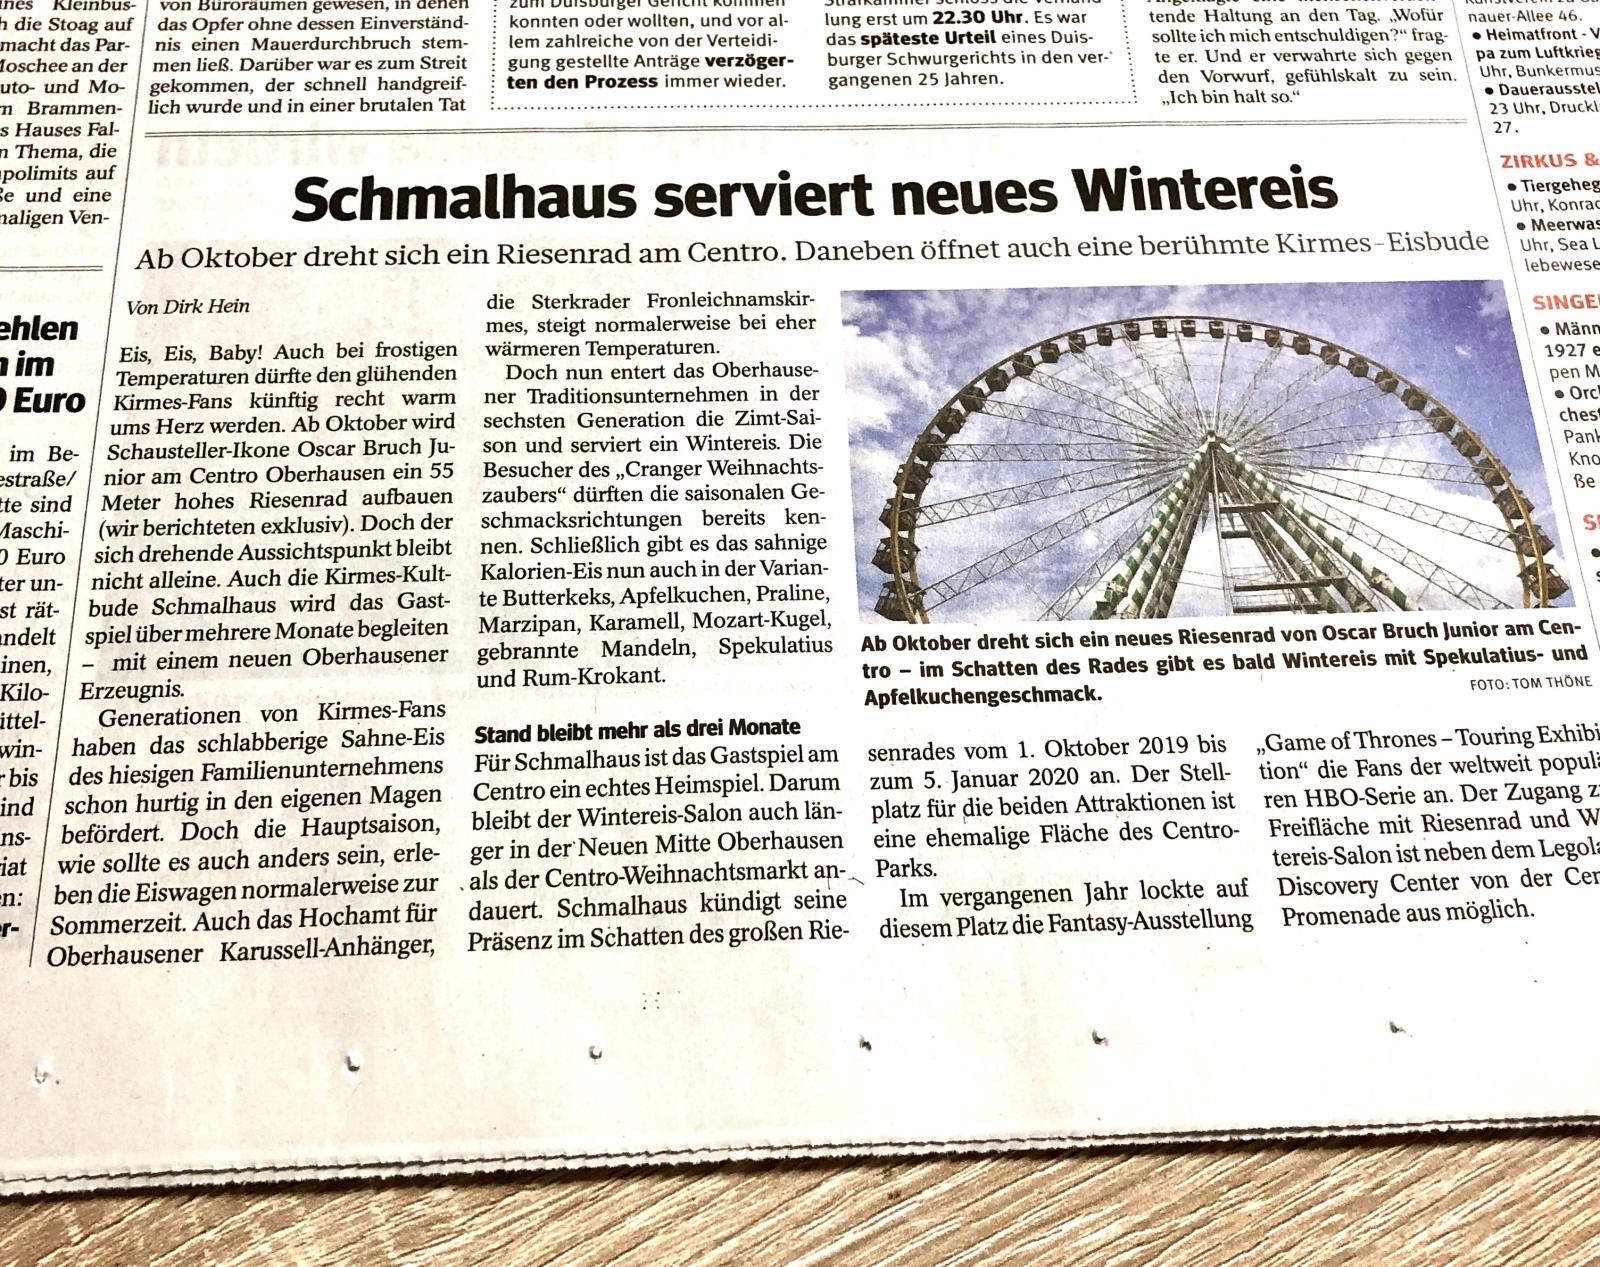 Schmalhaus serviert neues Wintereis